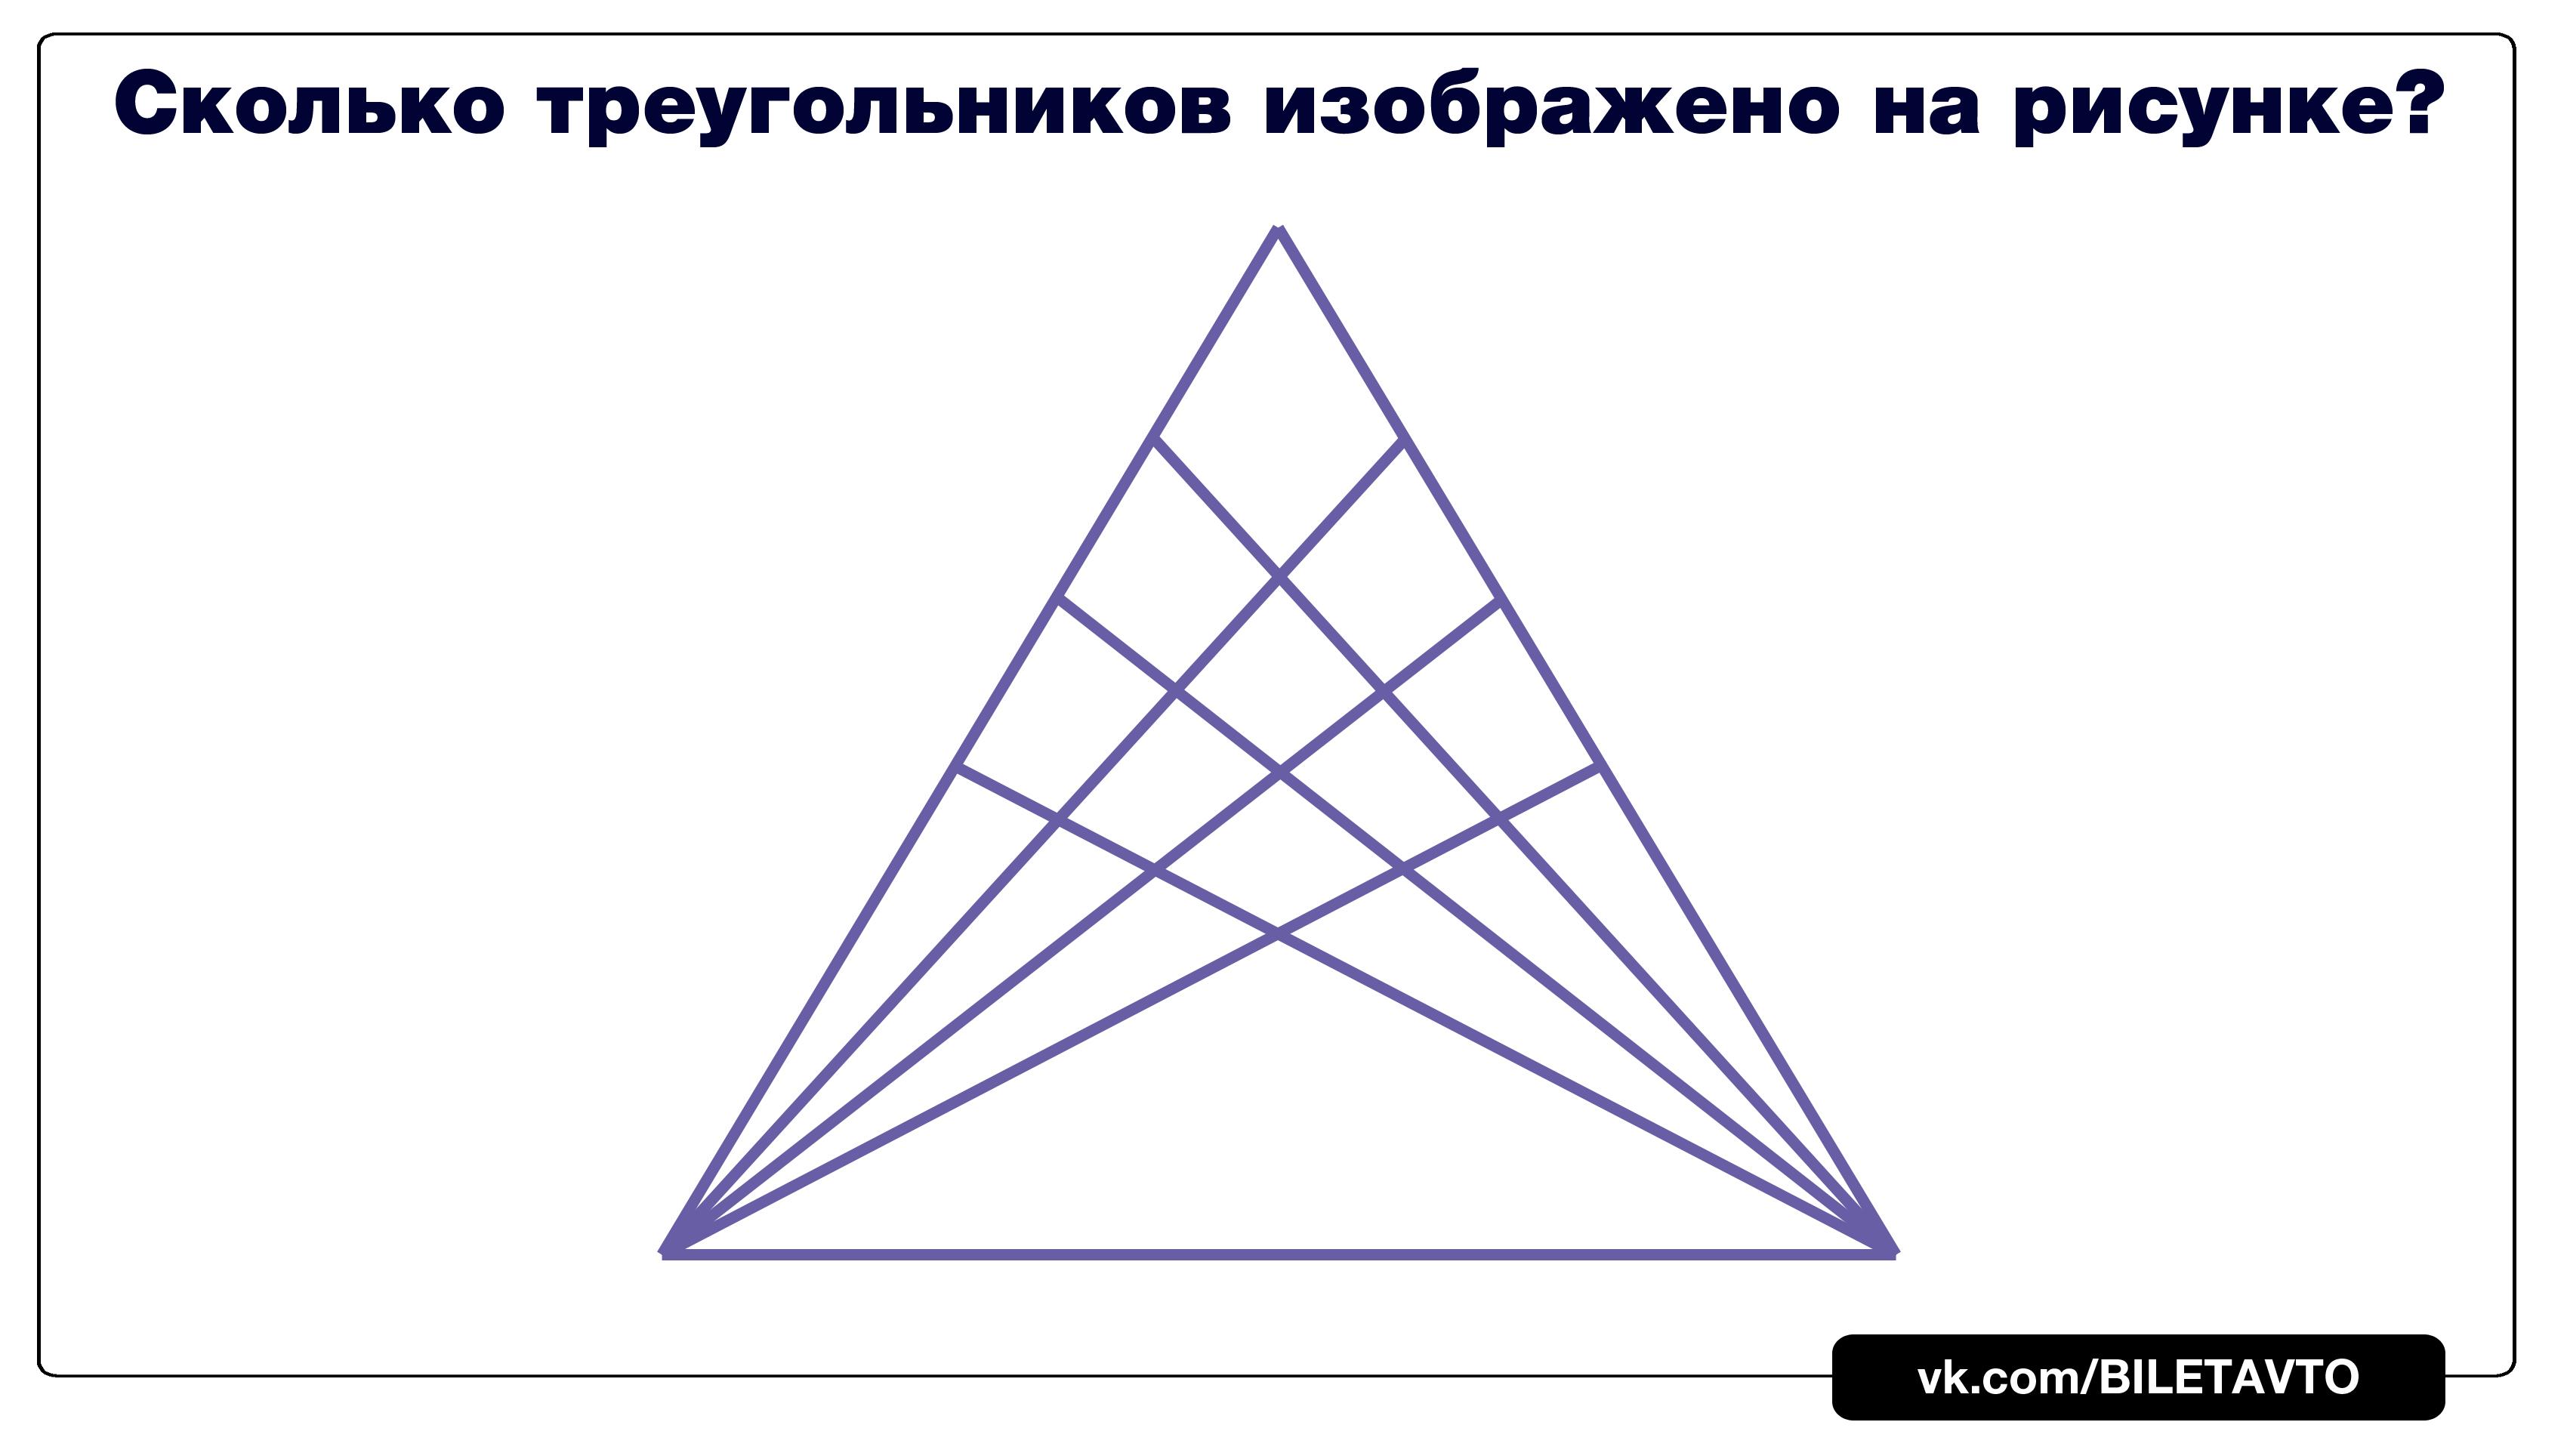 решение задачи картинка сколько тут треугольников значит, только милые